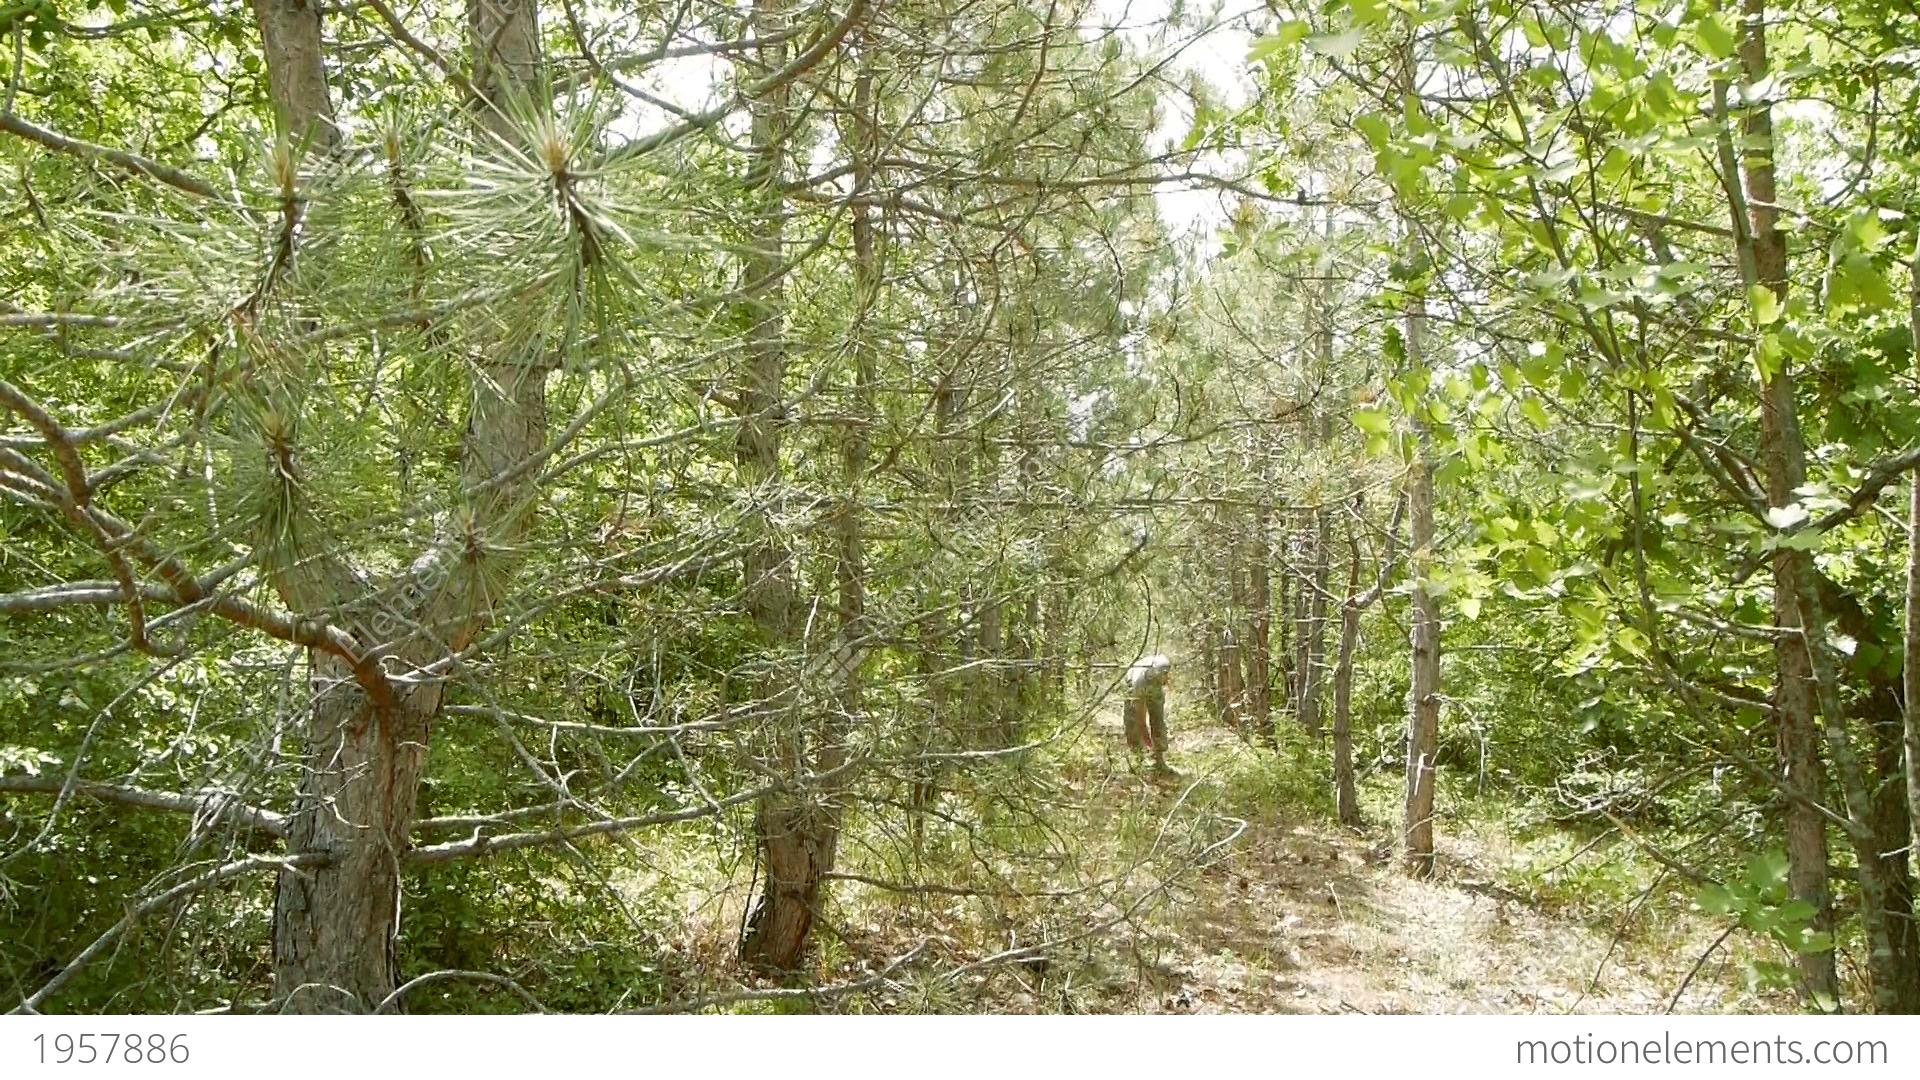 A Man Walks Through The Woods Lizenzfreie Videos   1957886